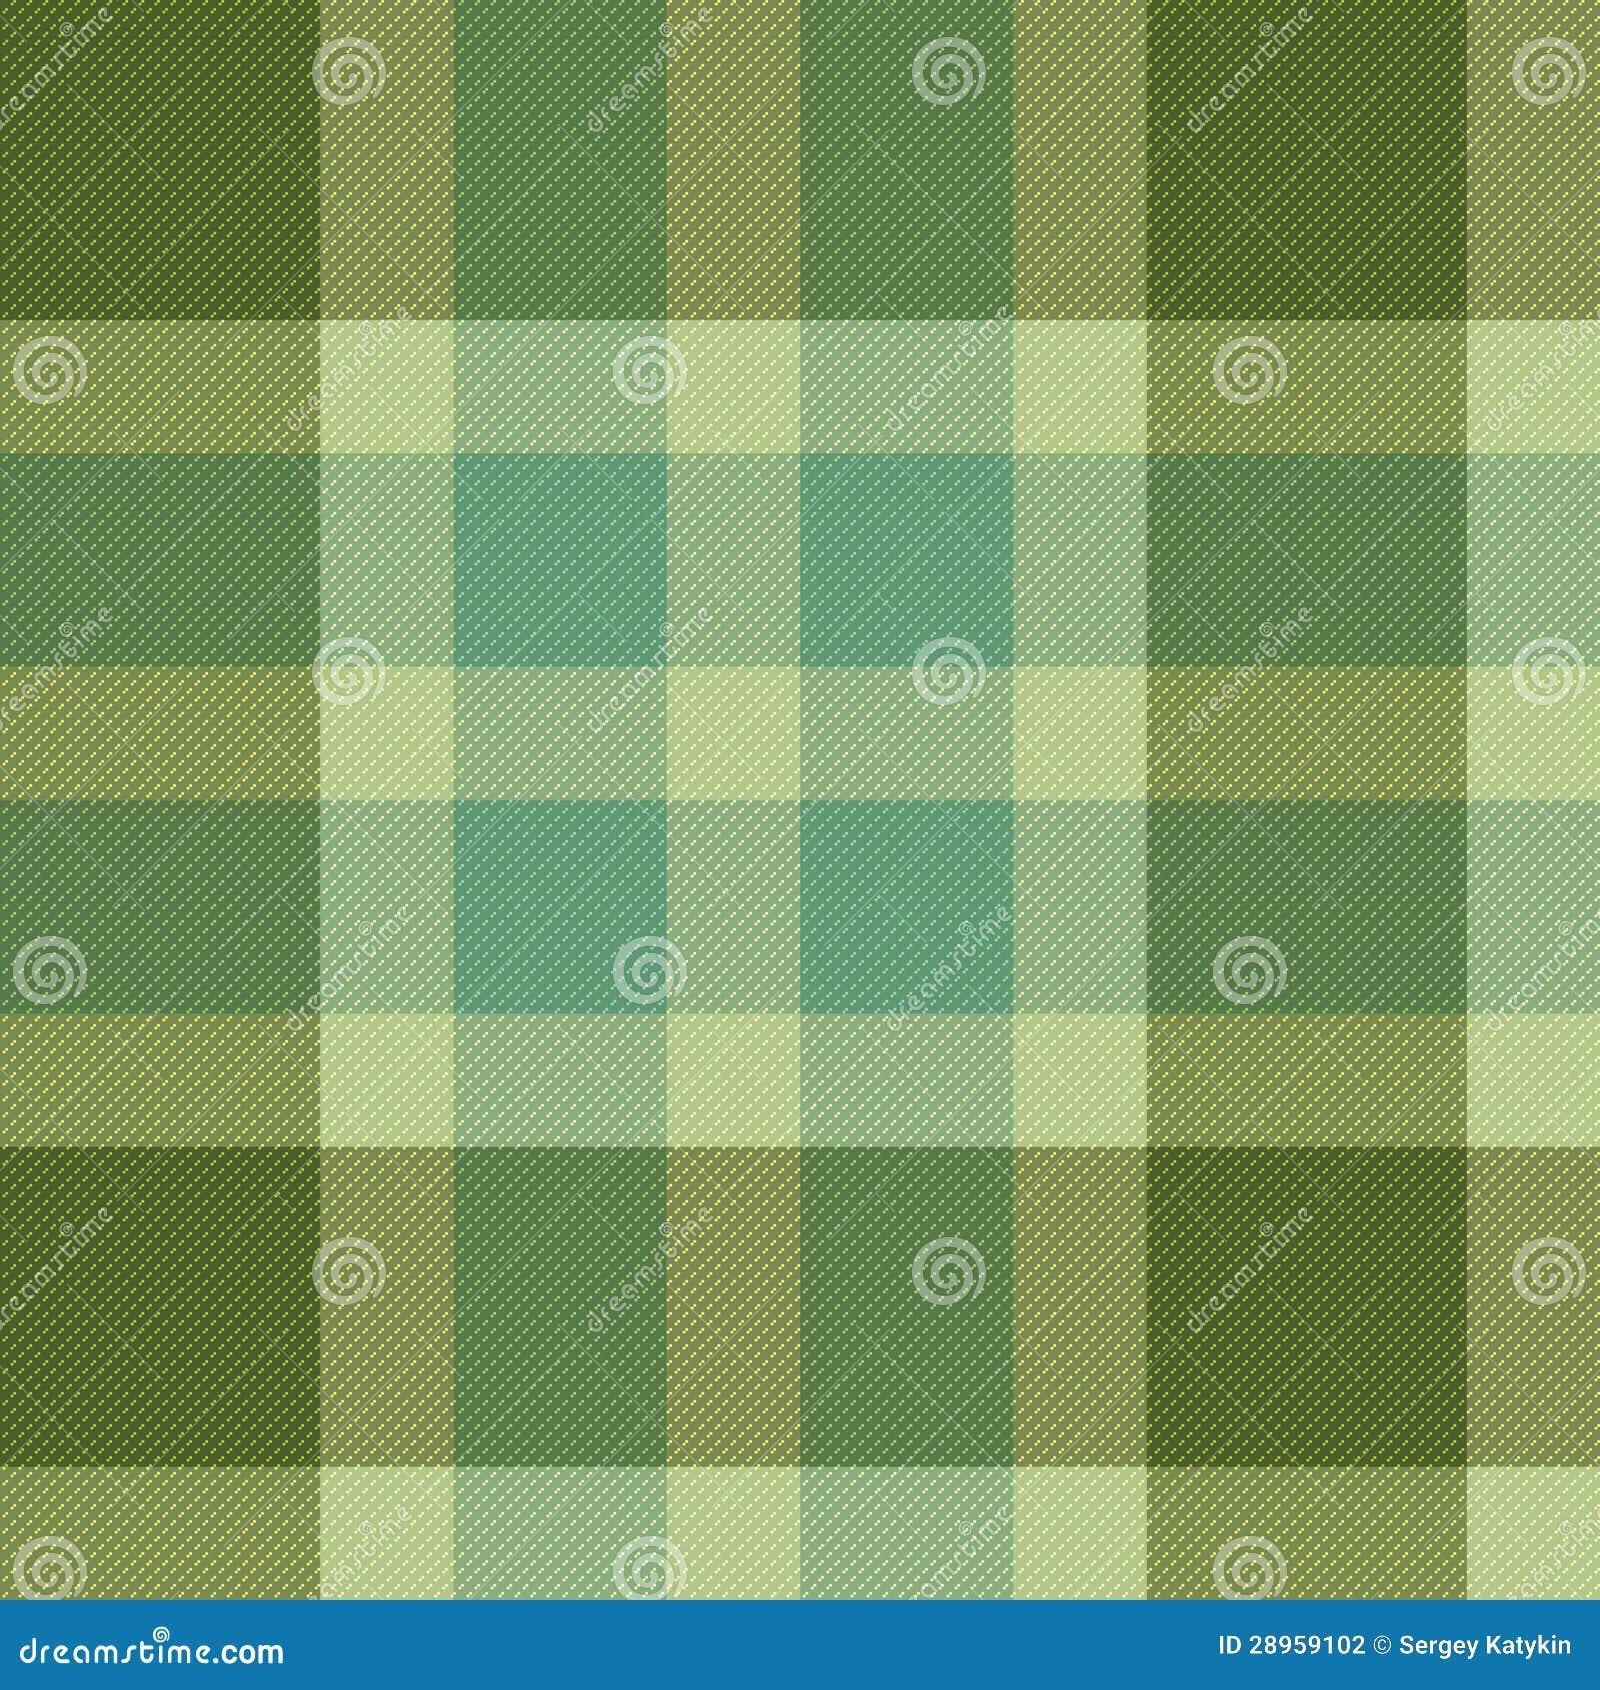 Kolor tkaniny szkocka krata. Bezszwowa wektorowa ilustracja.